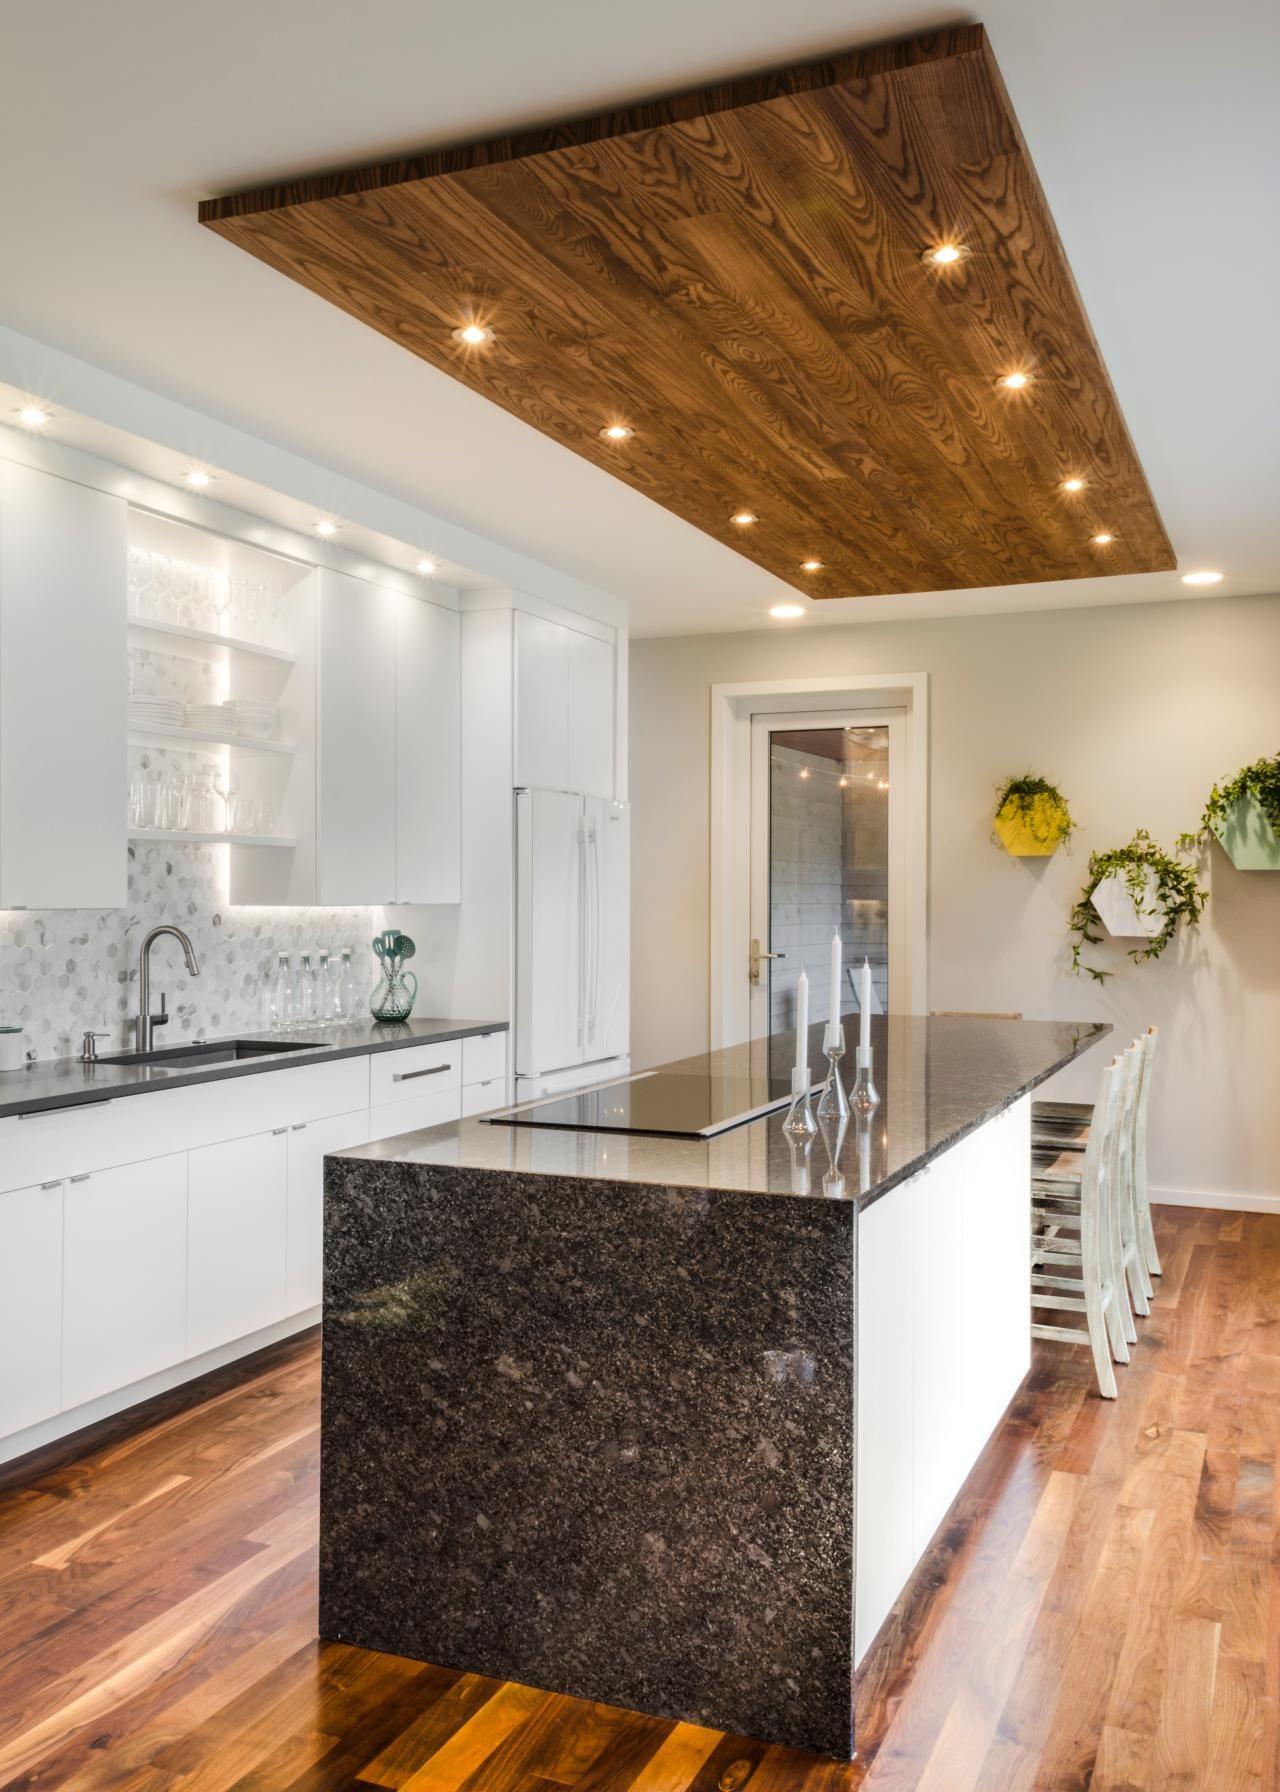 21 Stunning Kitchen Ceiling Design Ideas Kitchen Ceiling Design